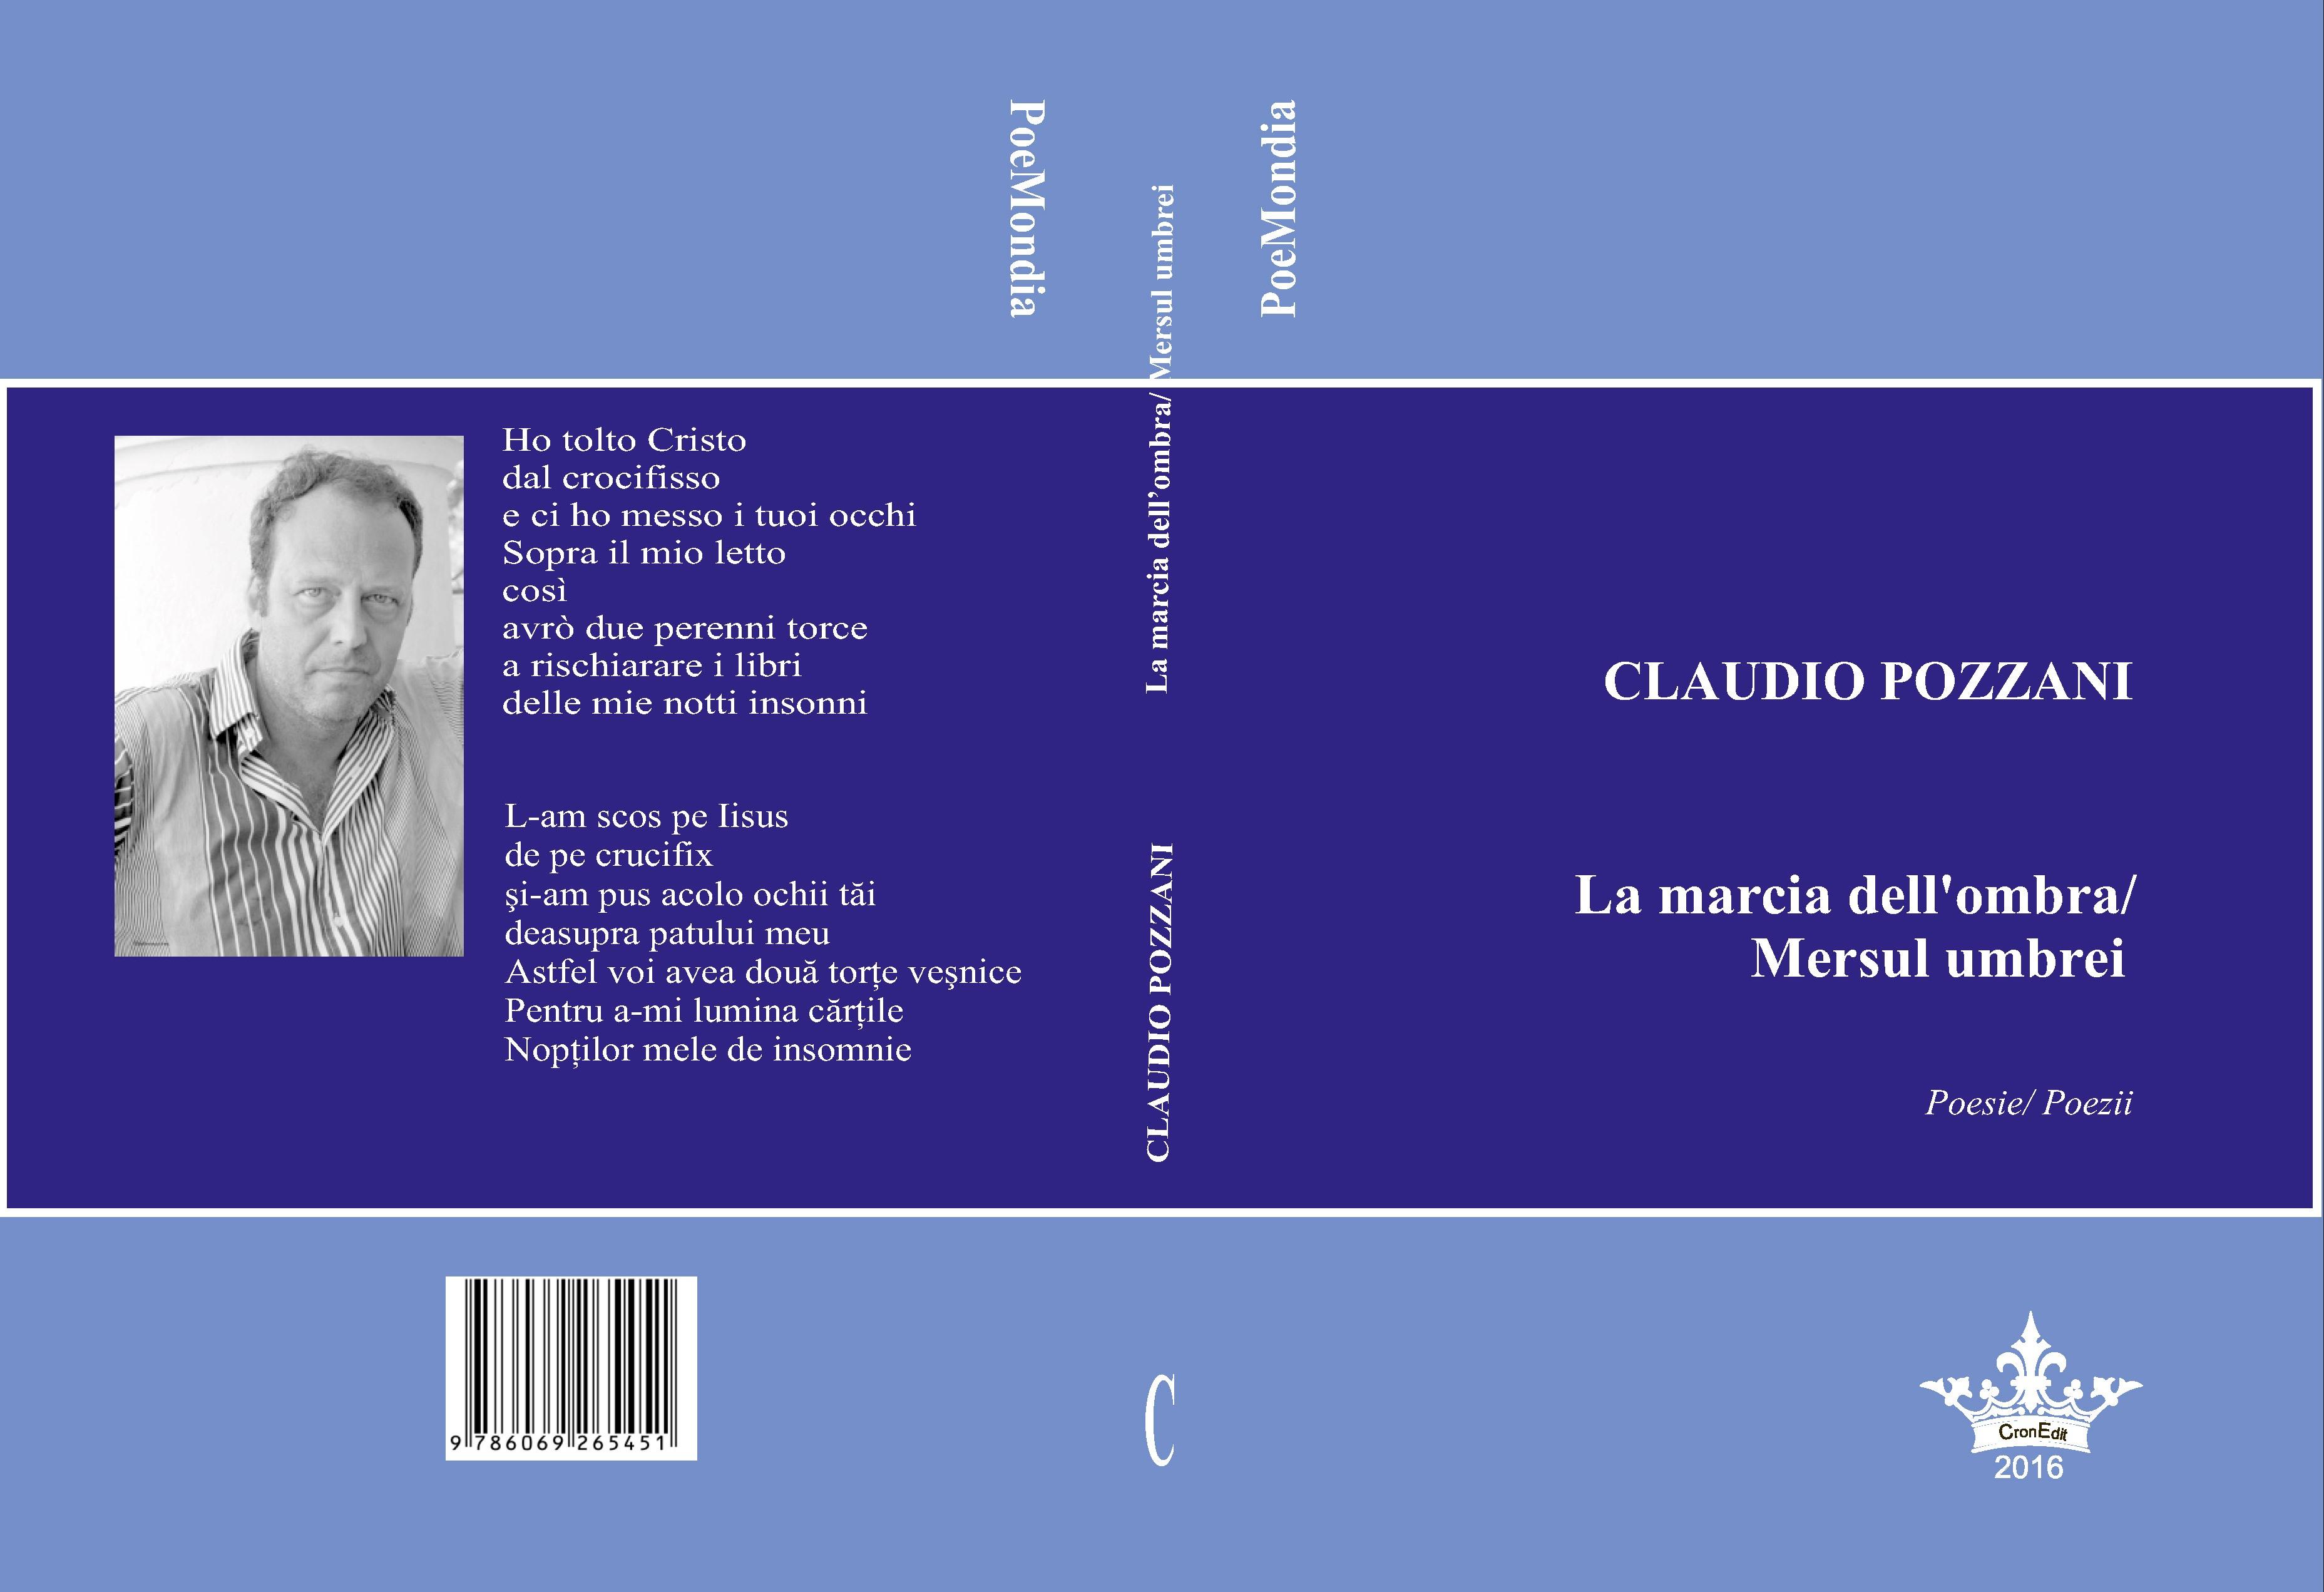 Claudio Pozzani coperta